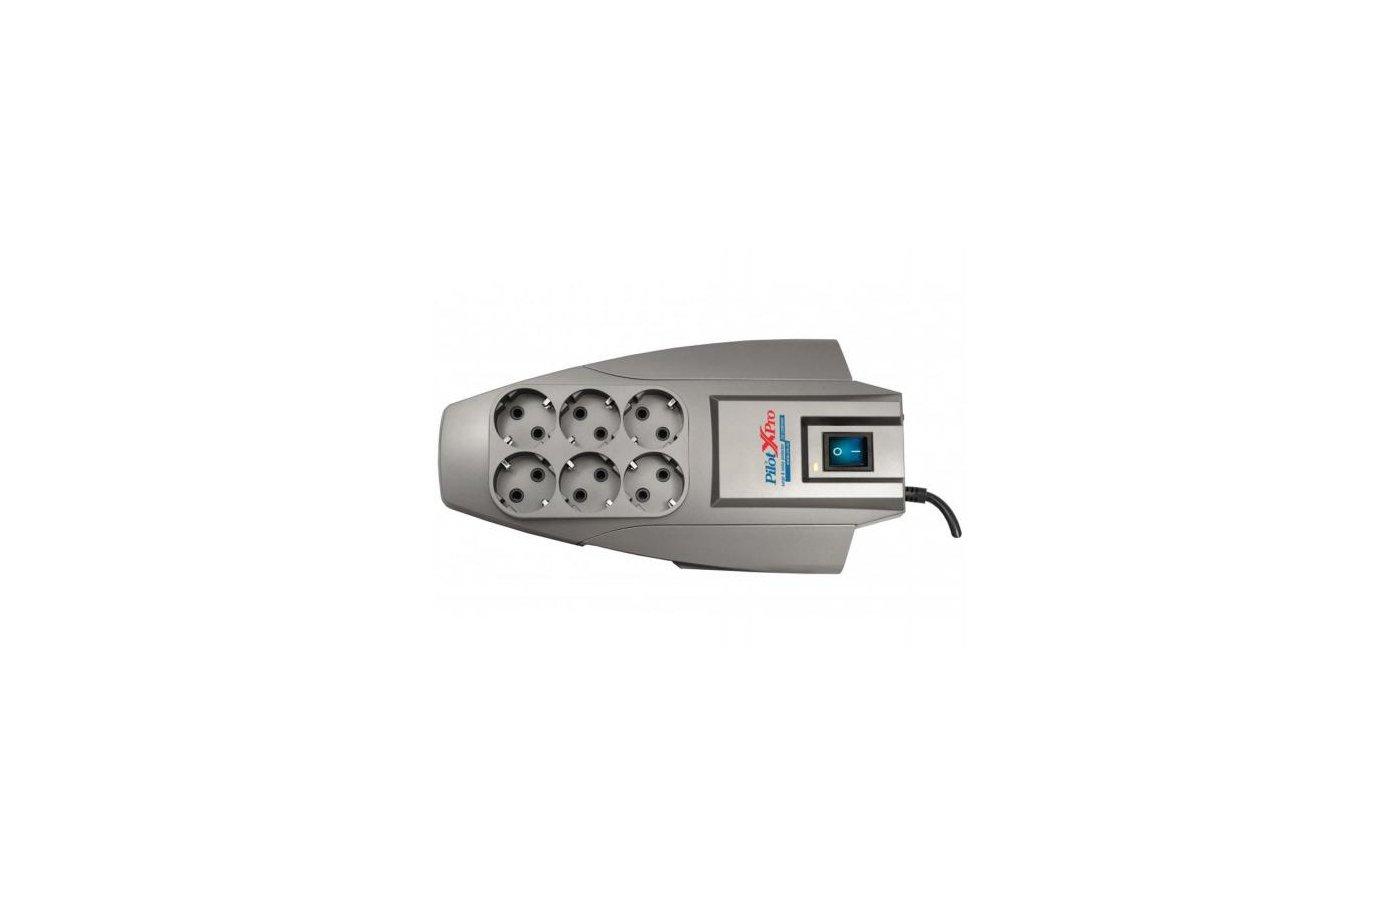 Сетевой фильтр Pilot X-Pro 6роз./3м. серый